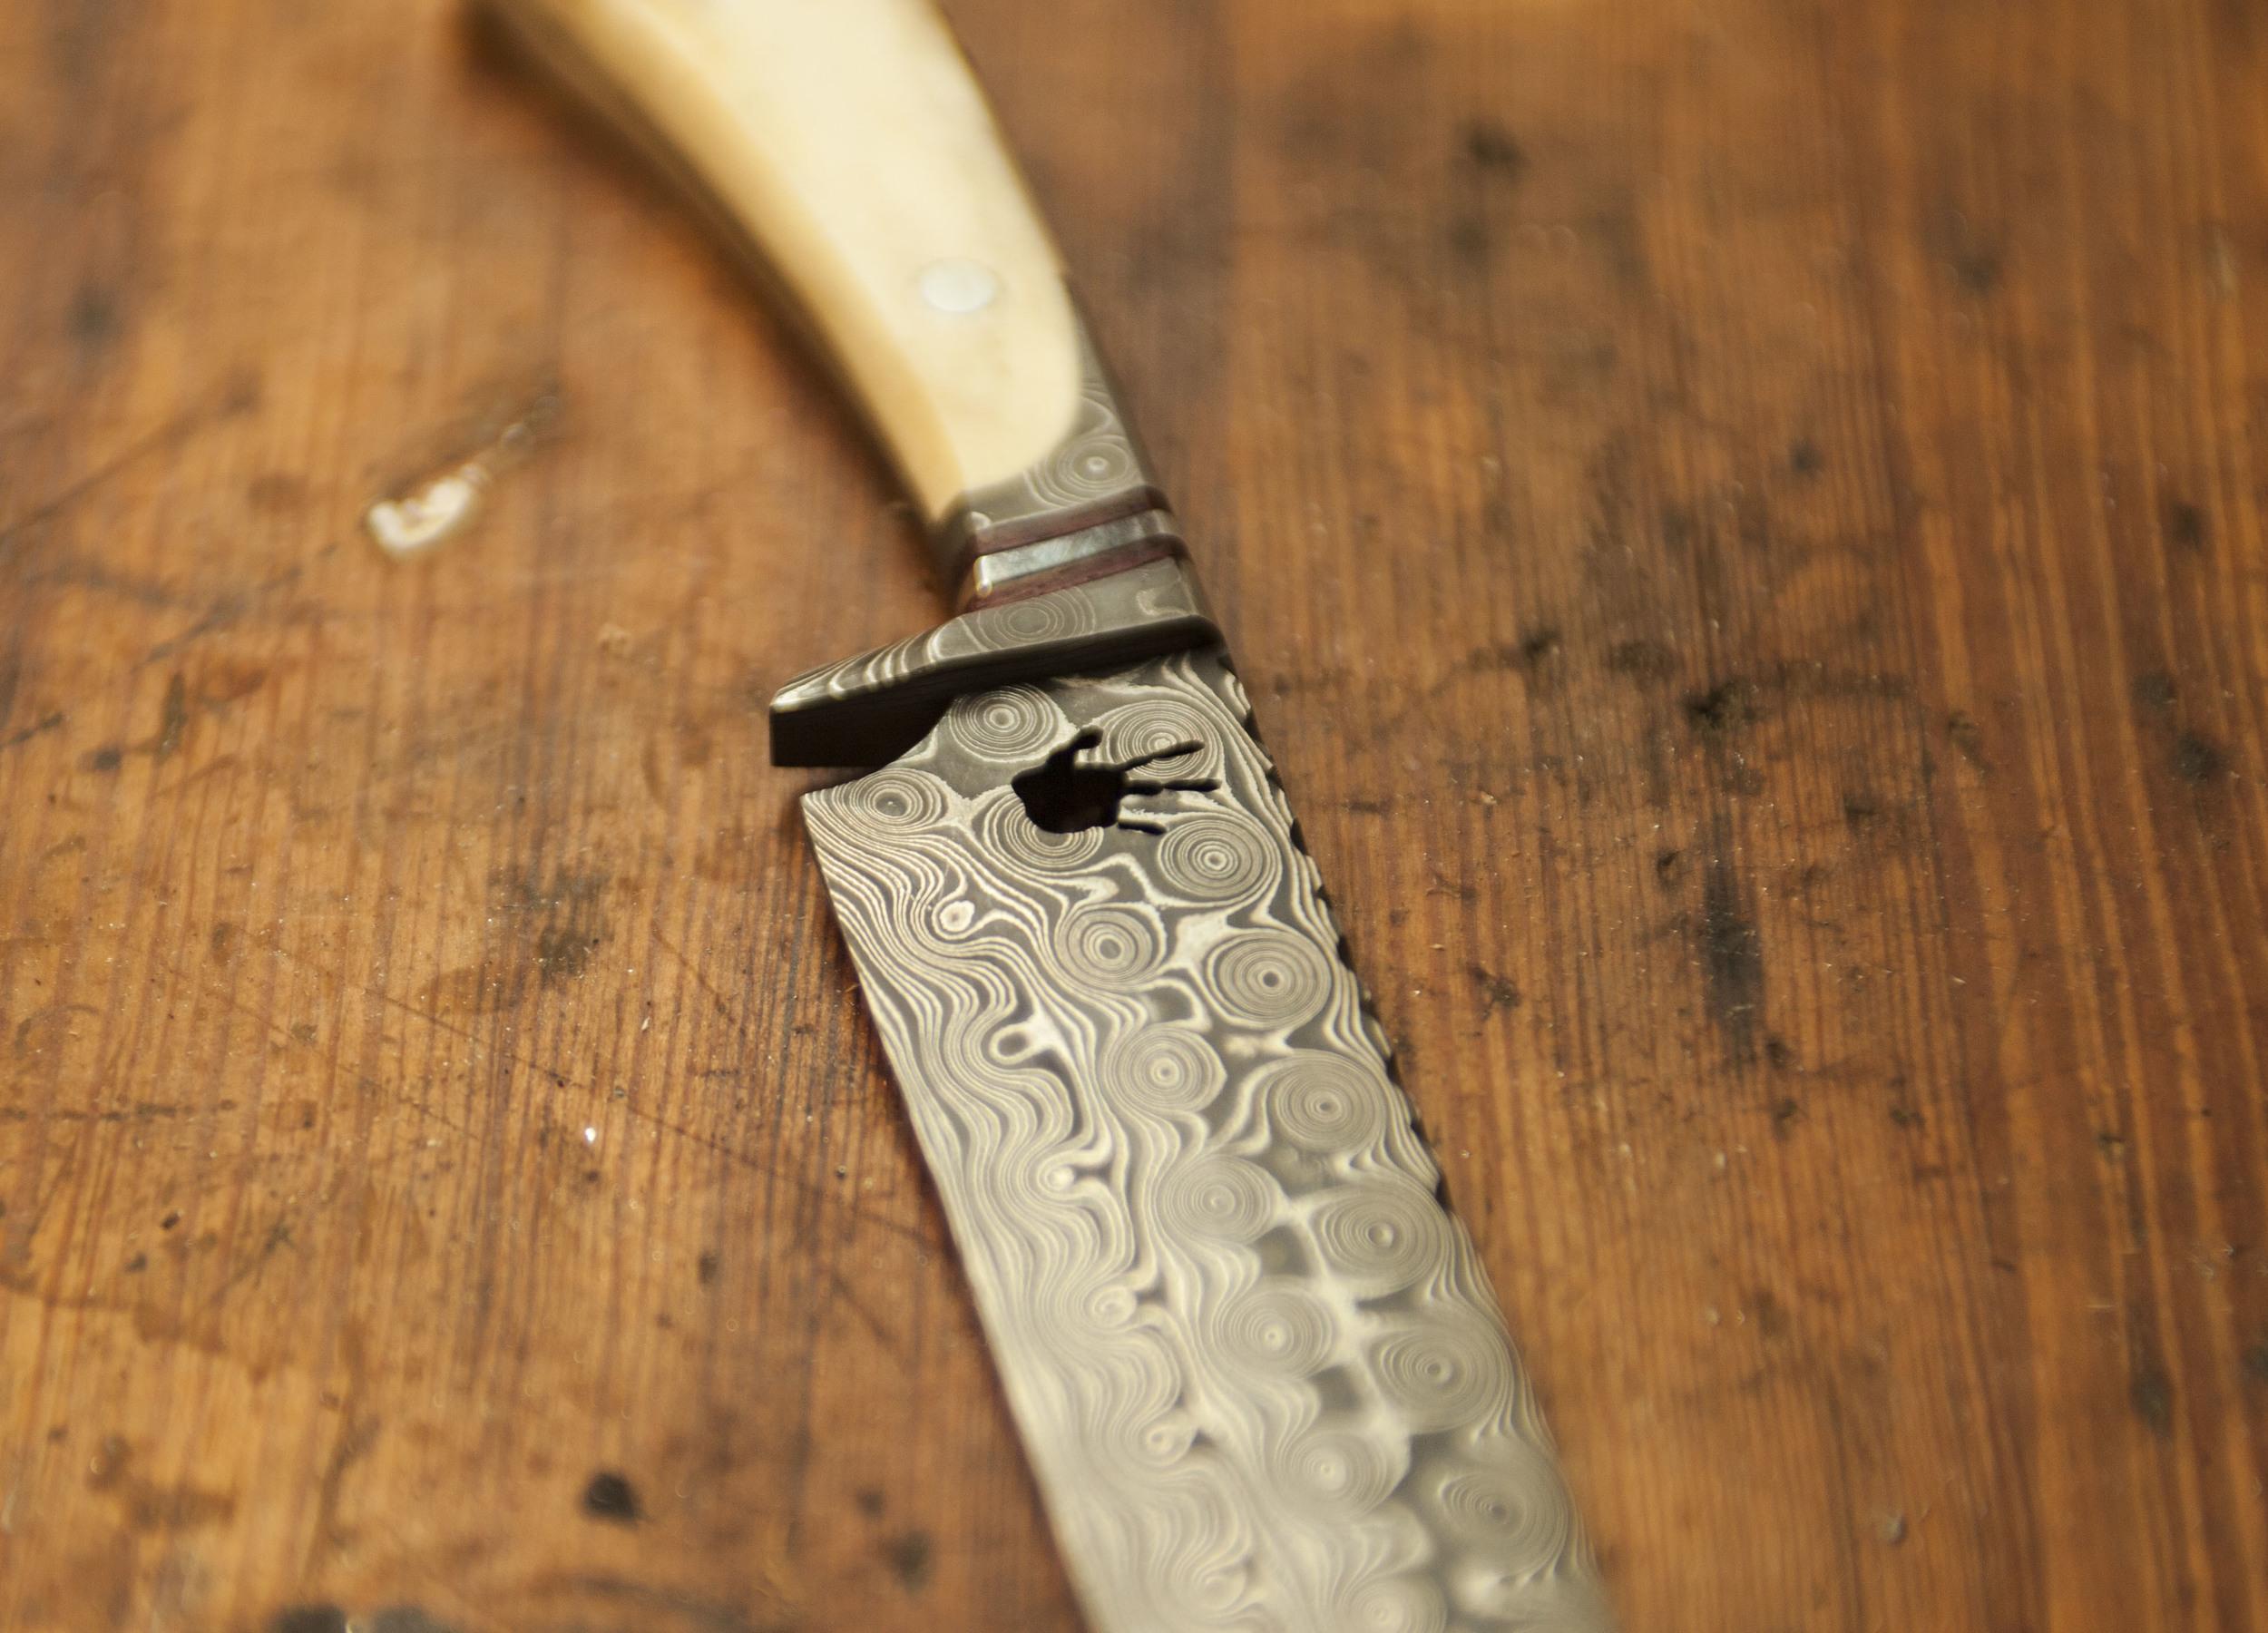 Knife 3.jpg